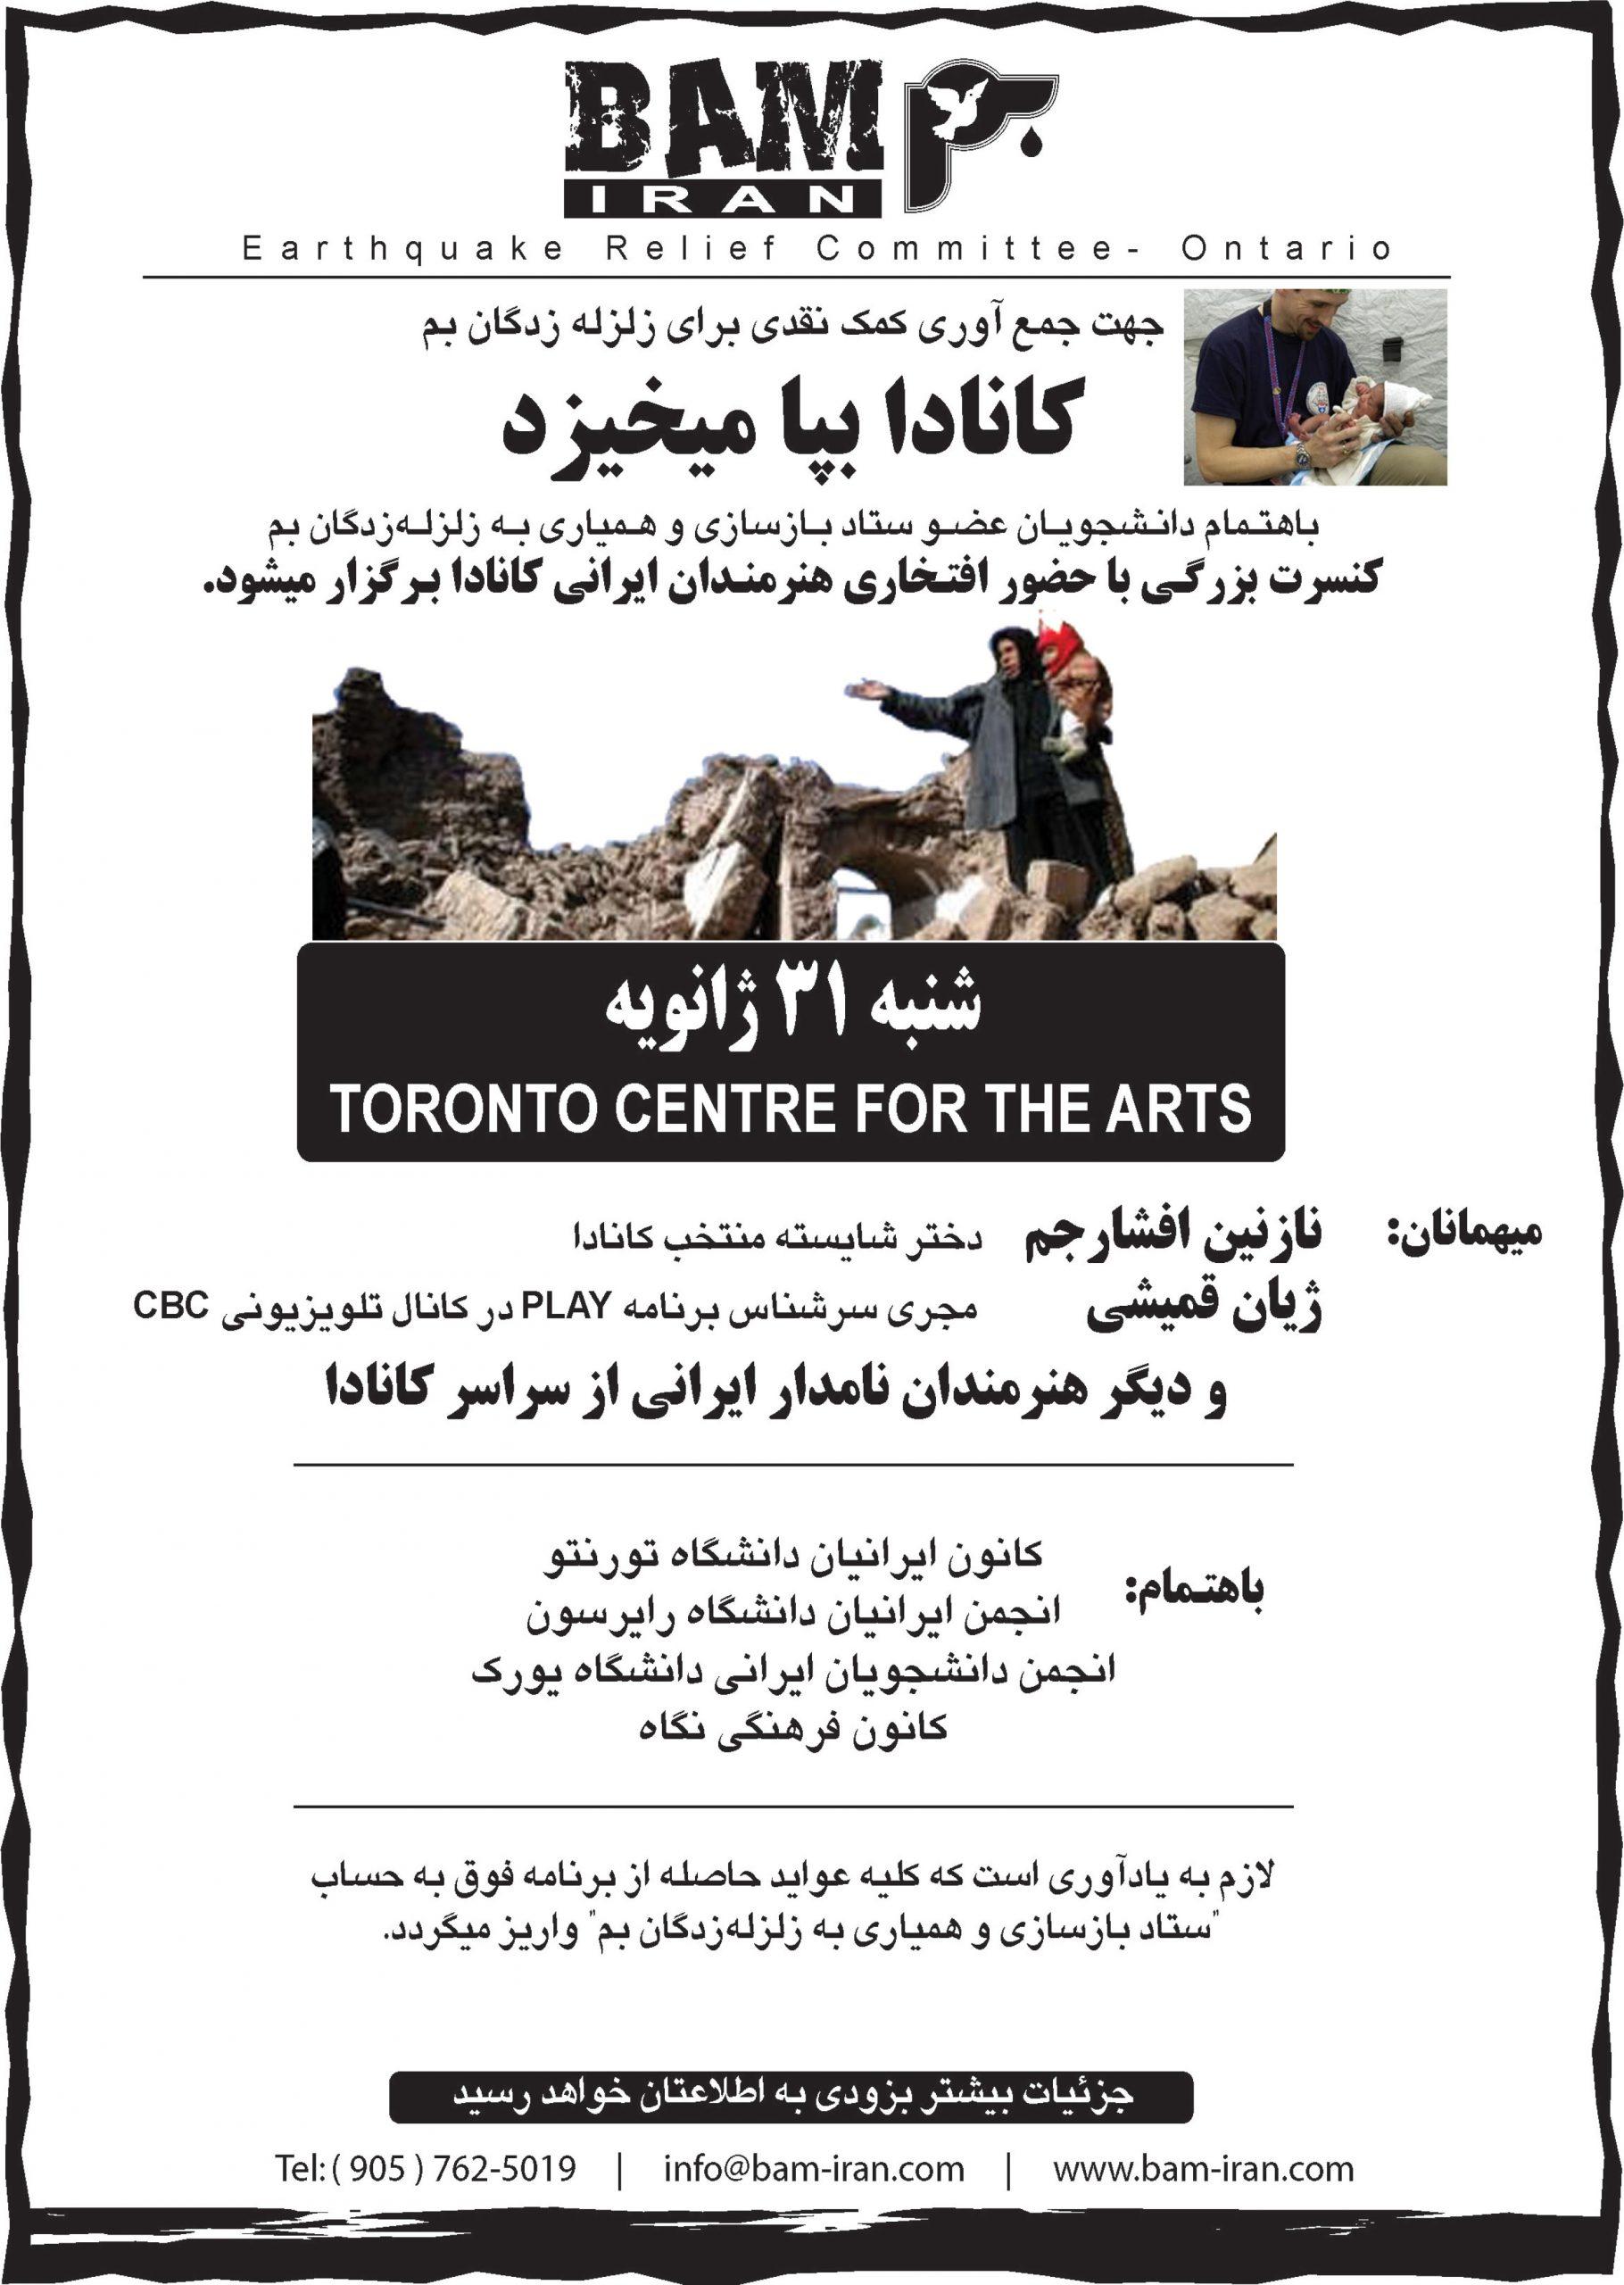 دعوت برای جمع آوری کمک جهت زلزله زدگان بم چاپ شده در سلام تورنتو 15 ژانویه 2004